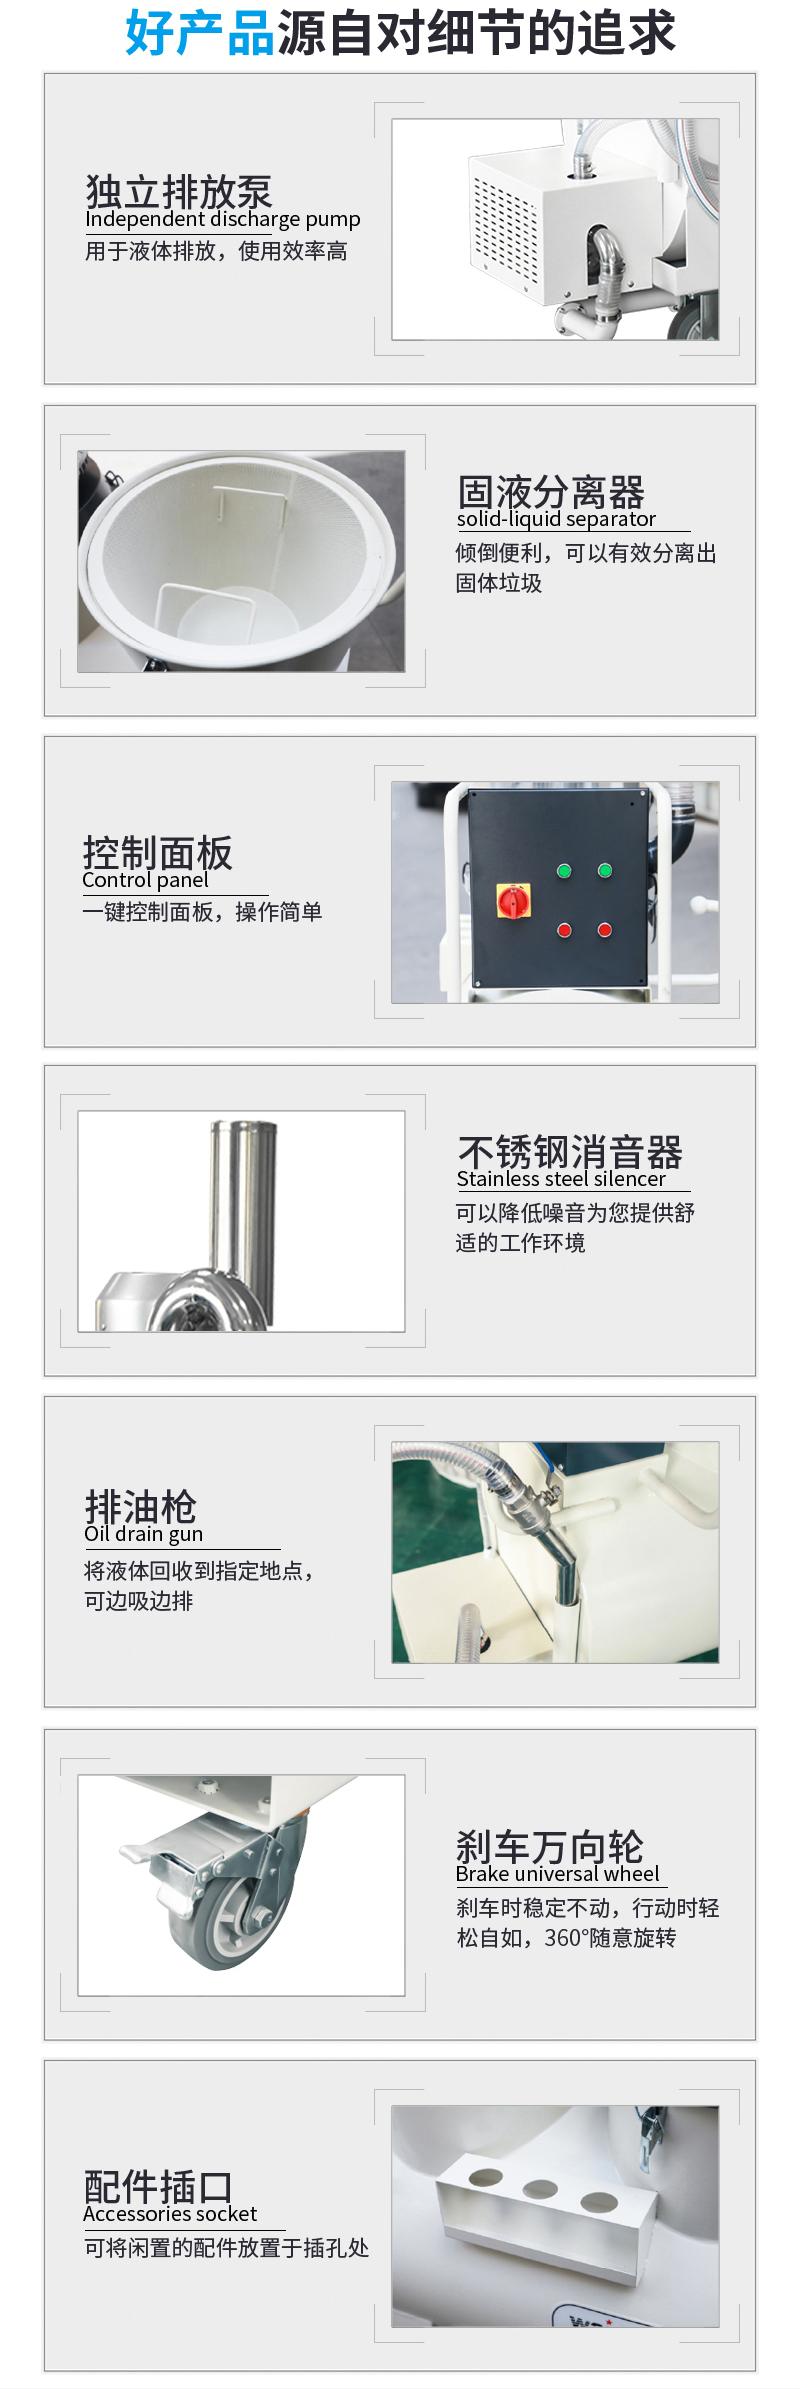 固液分离式工业吸油机配置